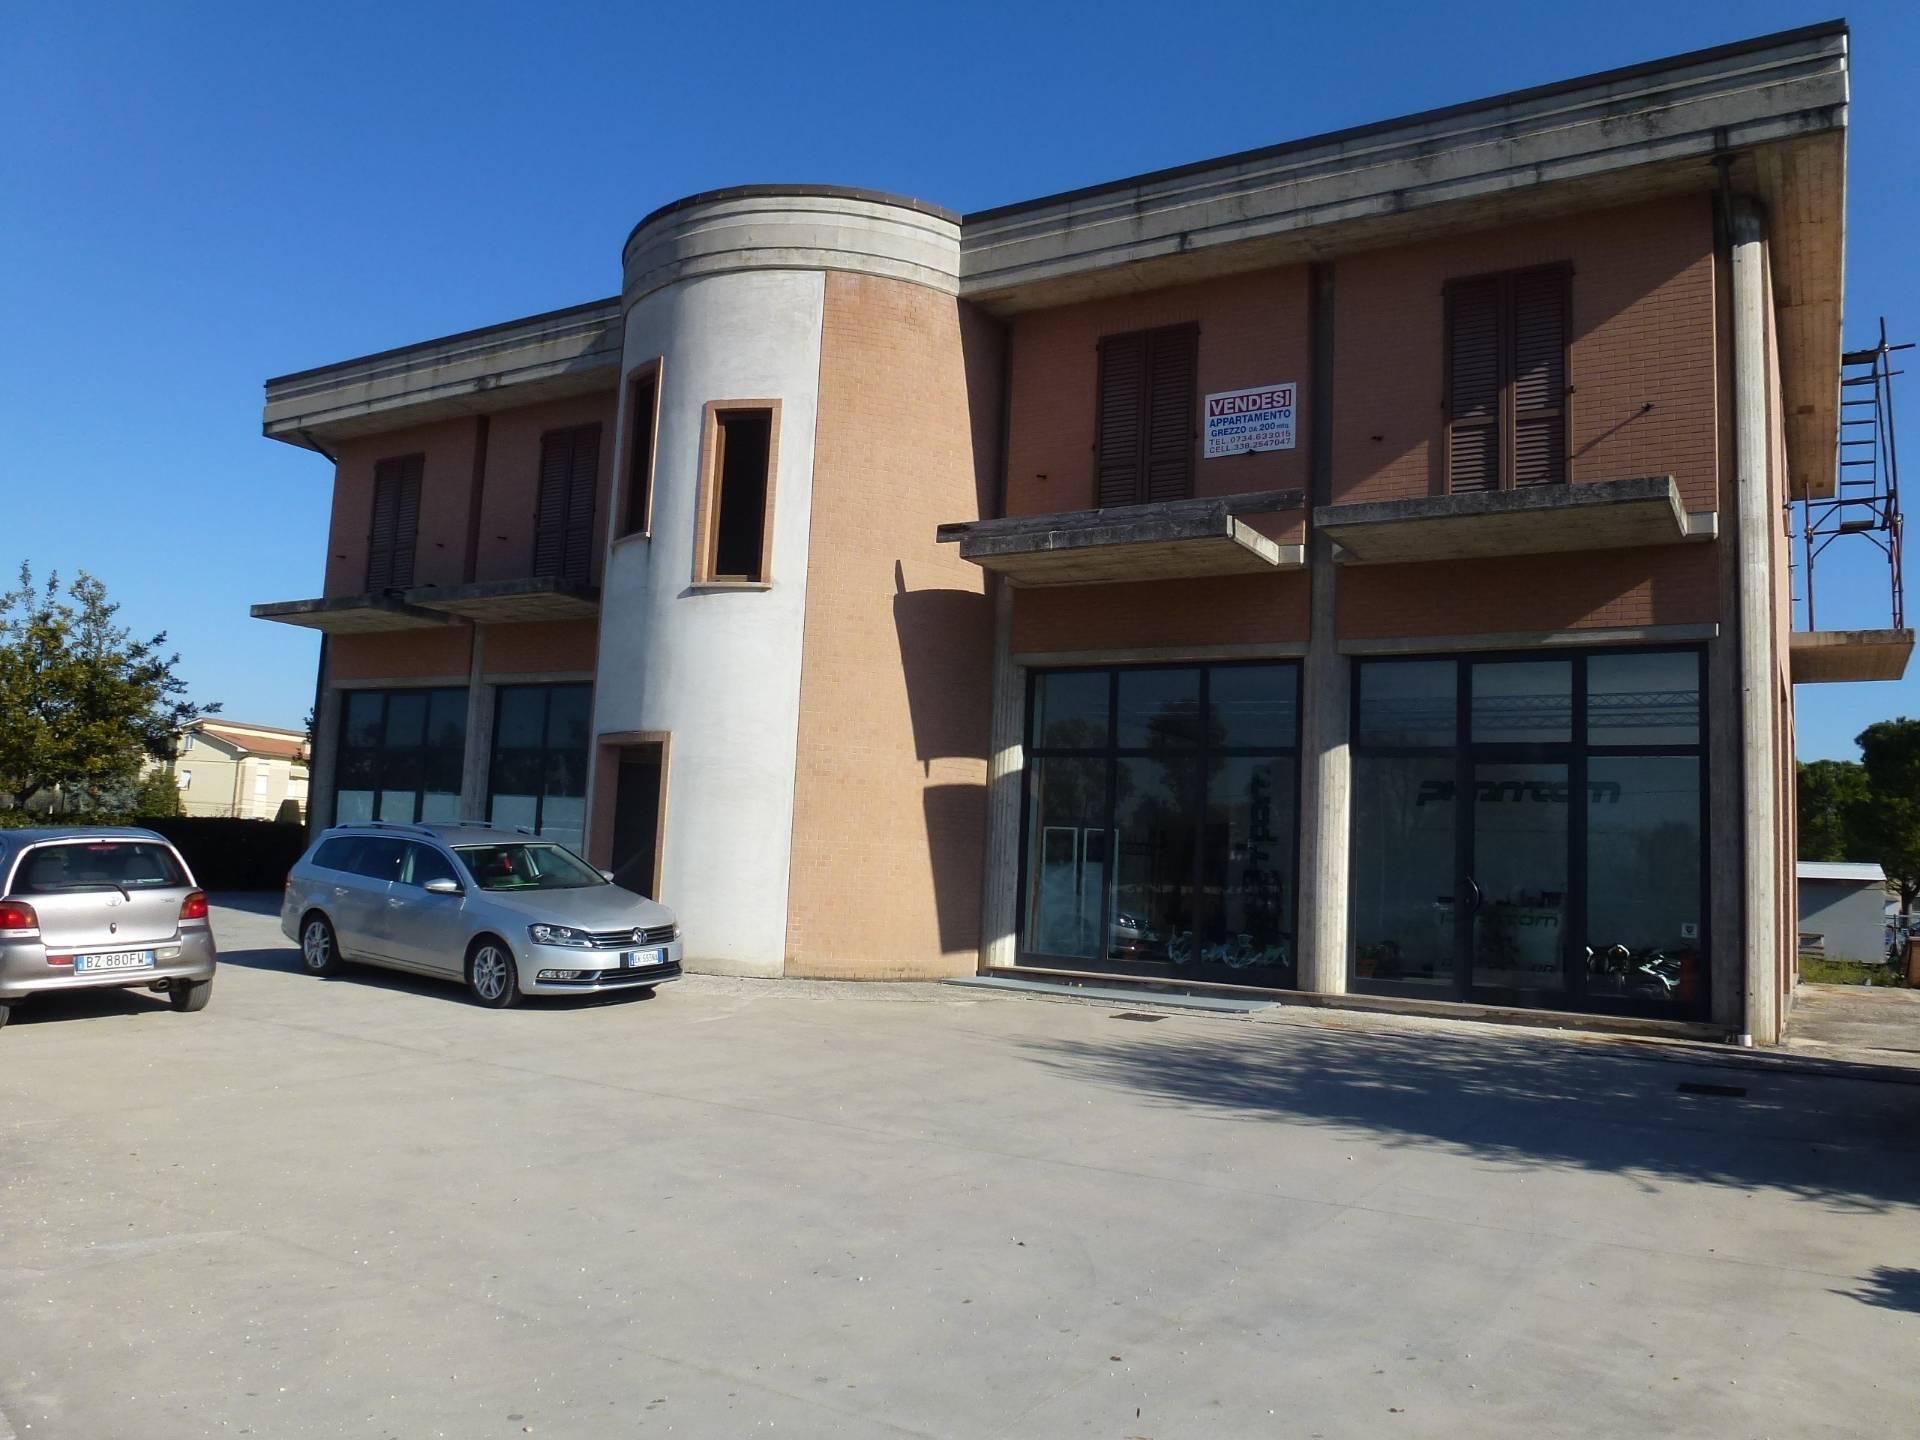 Attività / Licenza in vendita a Grottazzolina, 5 locali, prezzo € 100.000 | CambioCasa.it